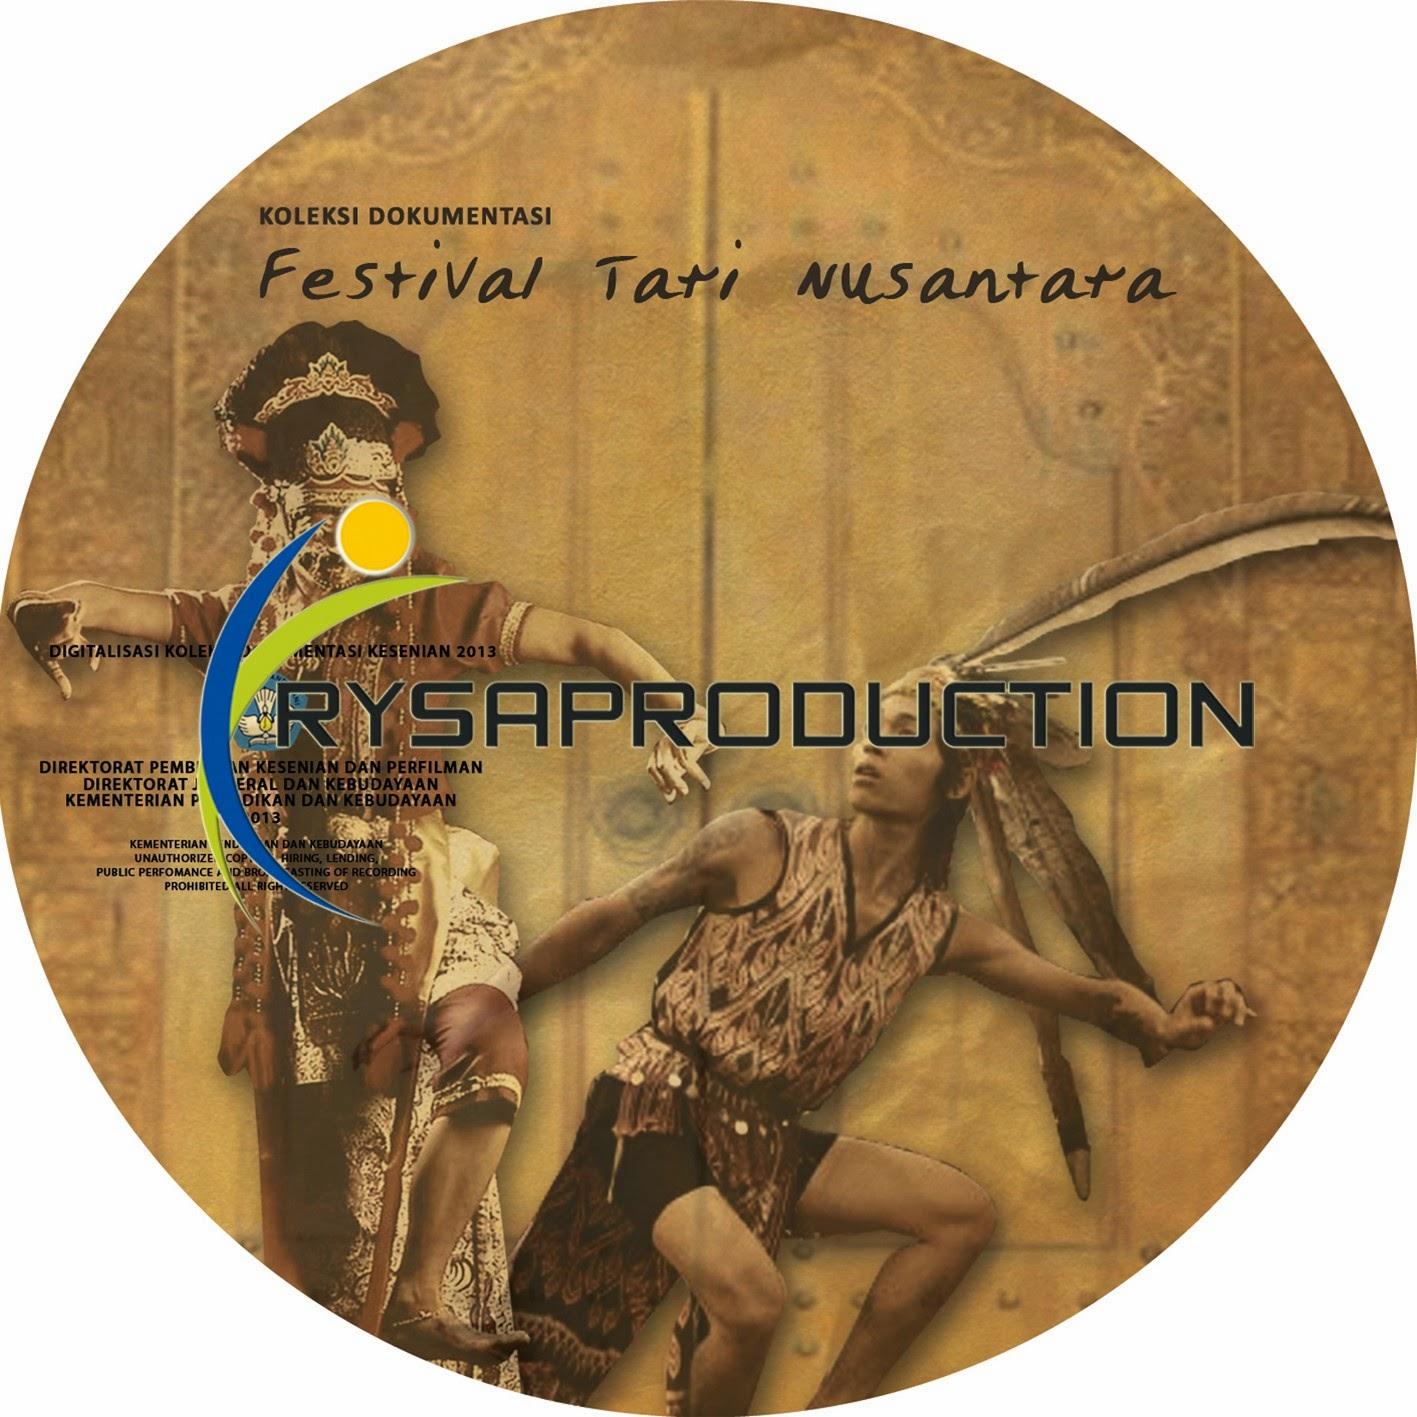 Festival Tari Nusantara